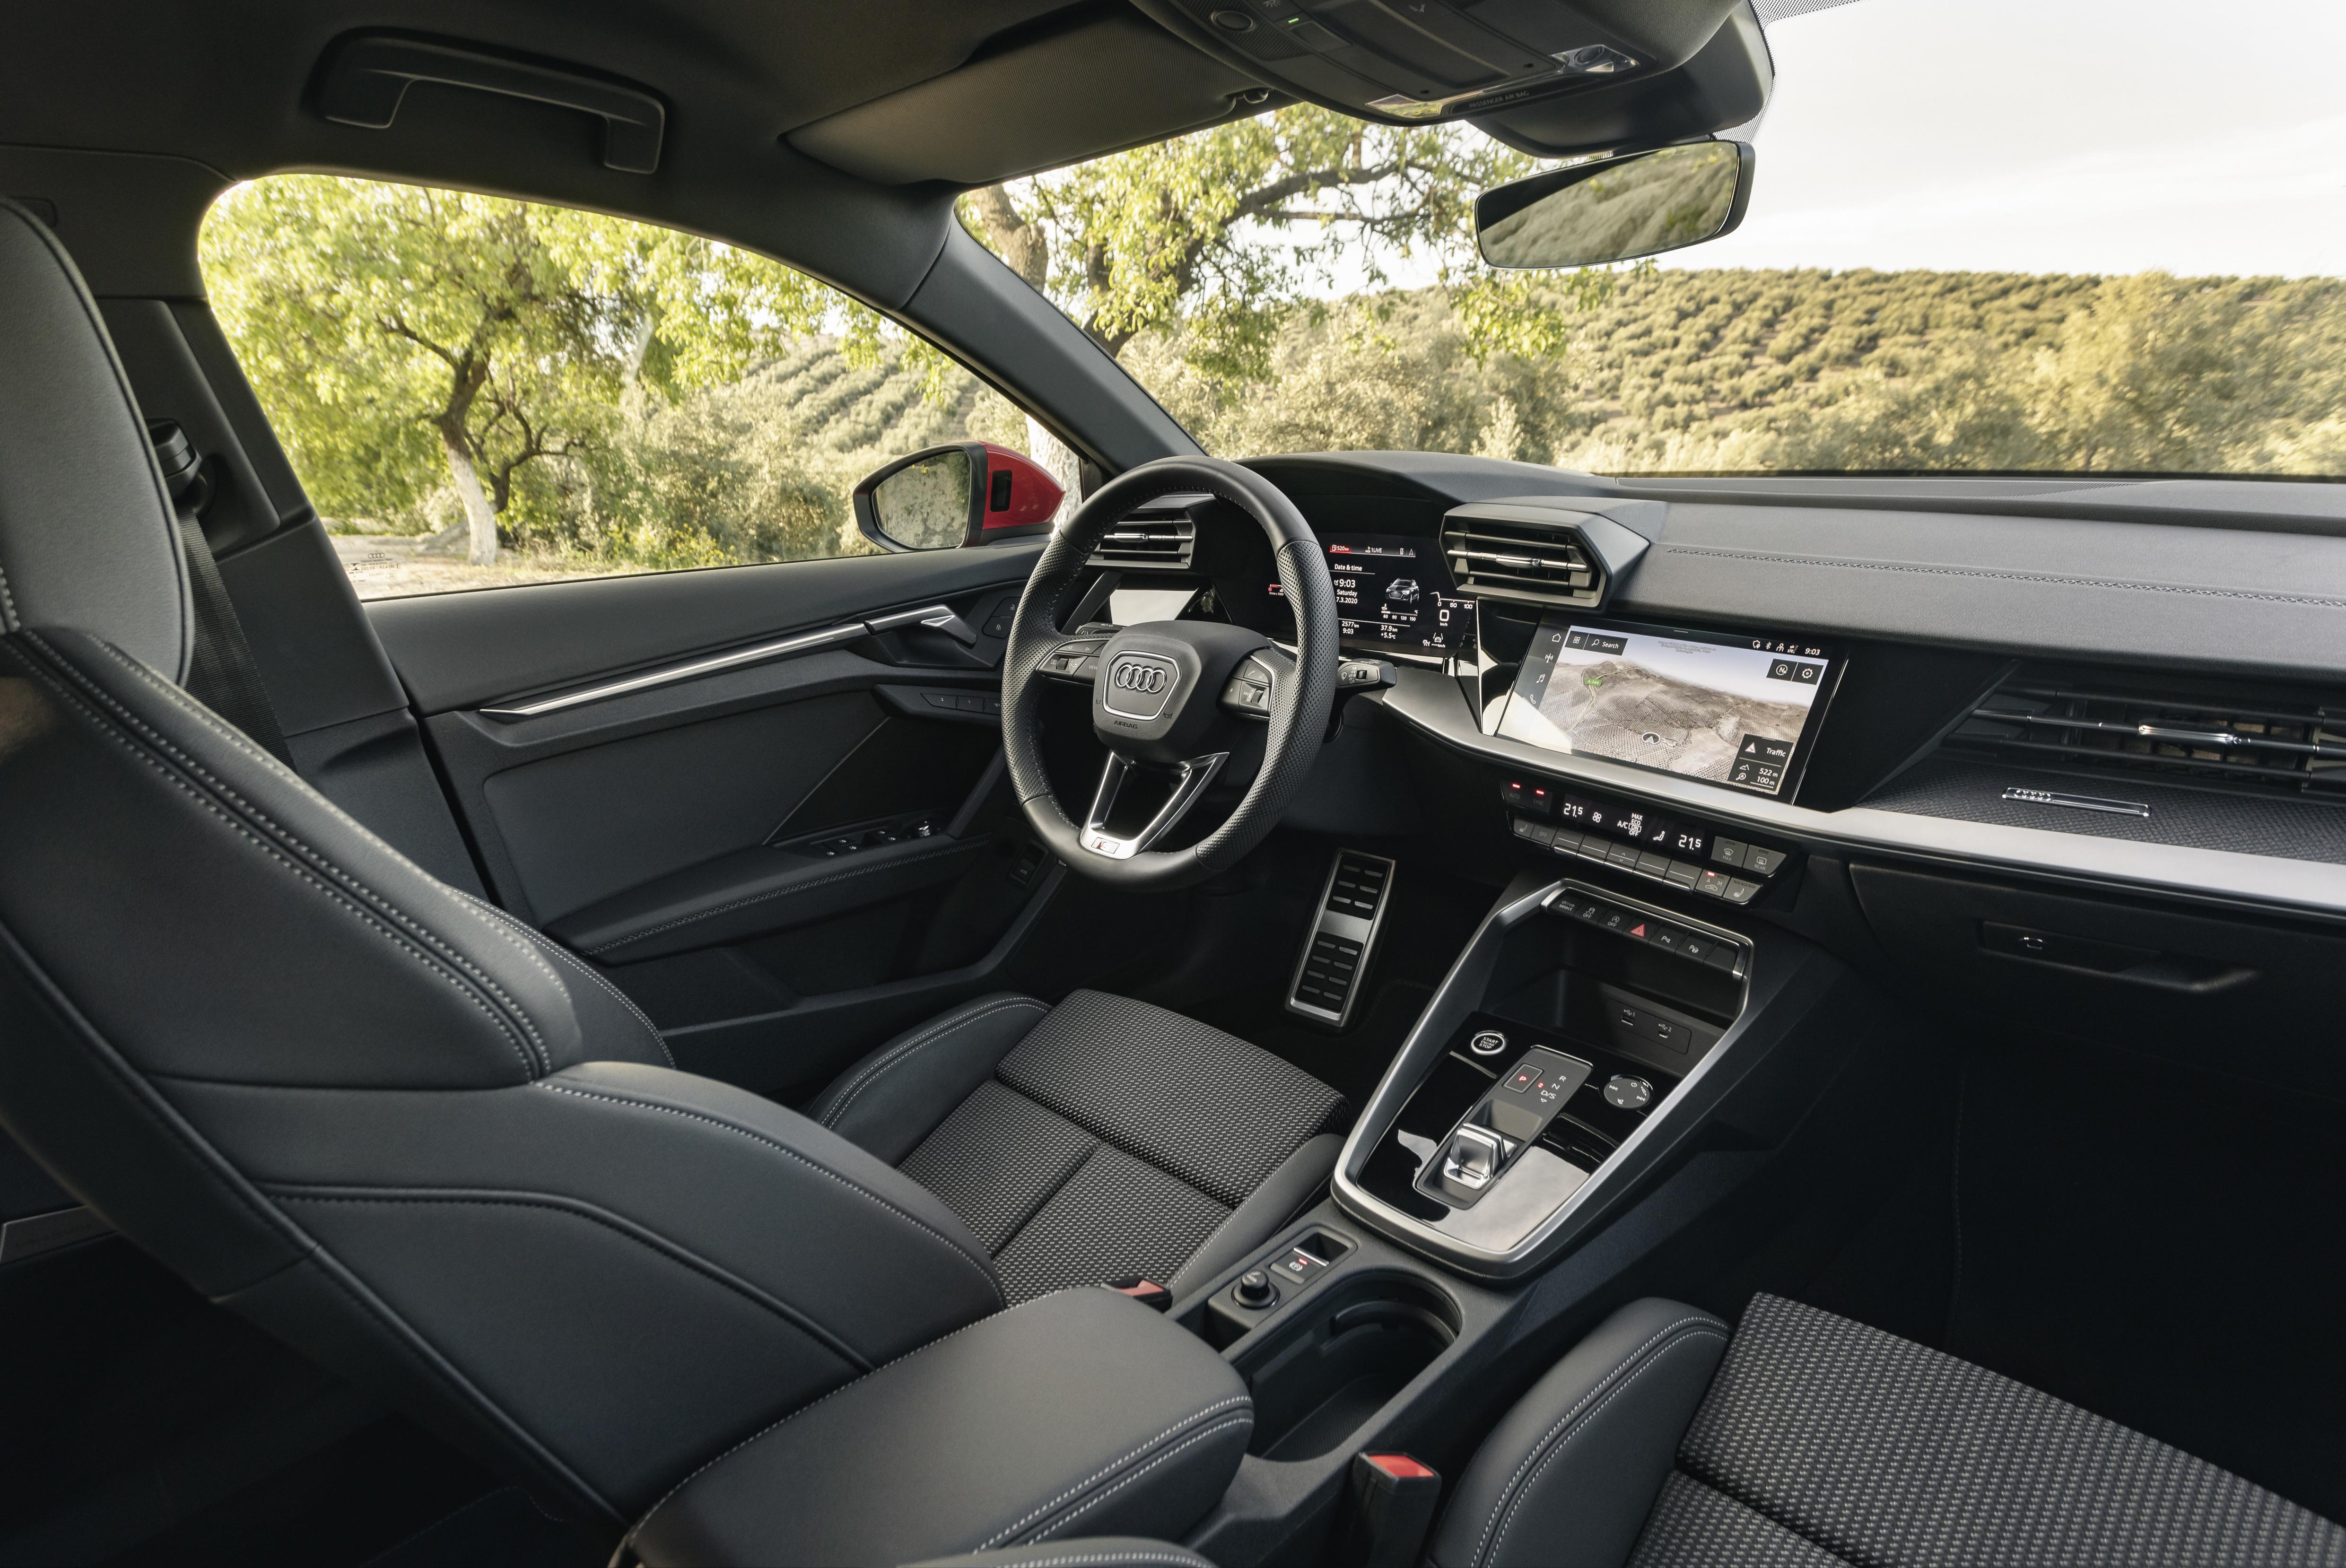 Ενα αυτοκίνητο με σπορ DNA | νέα μοντέλα